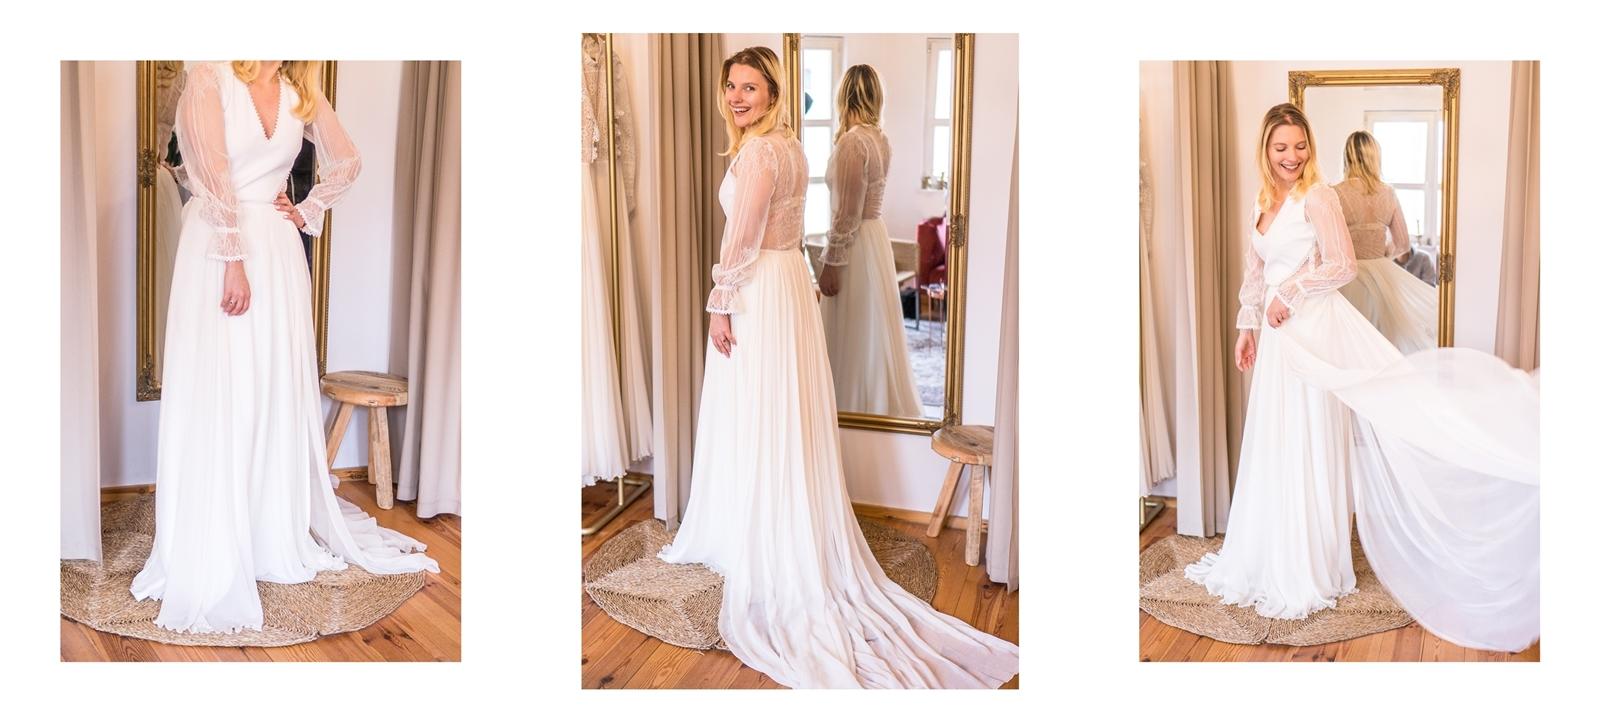 18 suknia ślubna cywilny cena cennik stachowska pracownia łódź poznań warszawa suknie ślubne minimalistyczne boho rustykalne dla odważnych